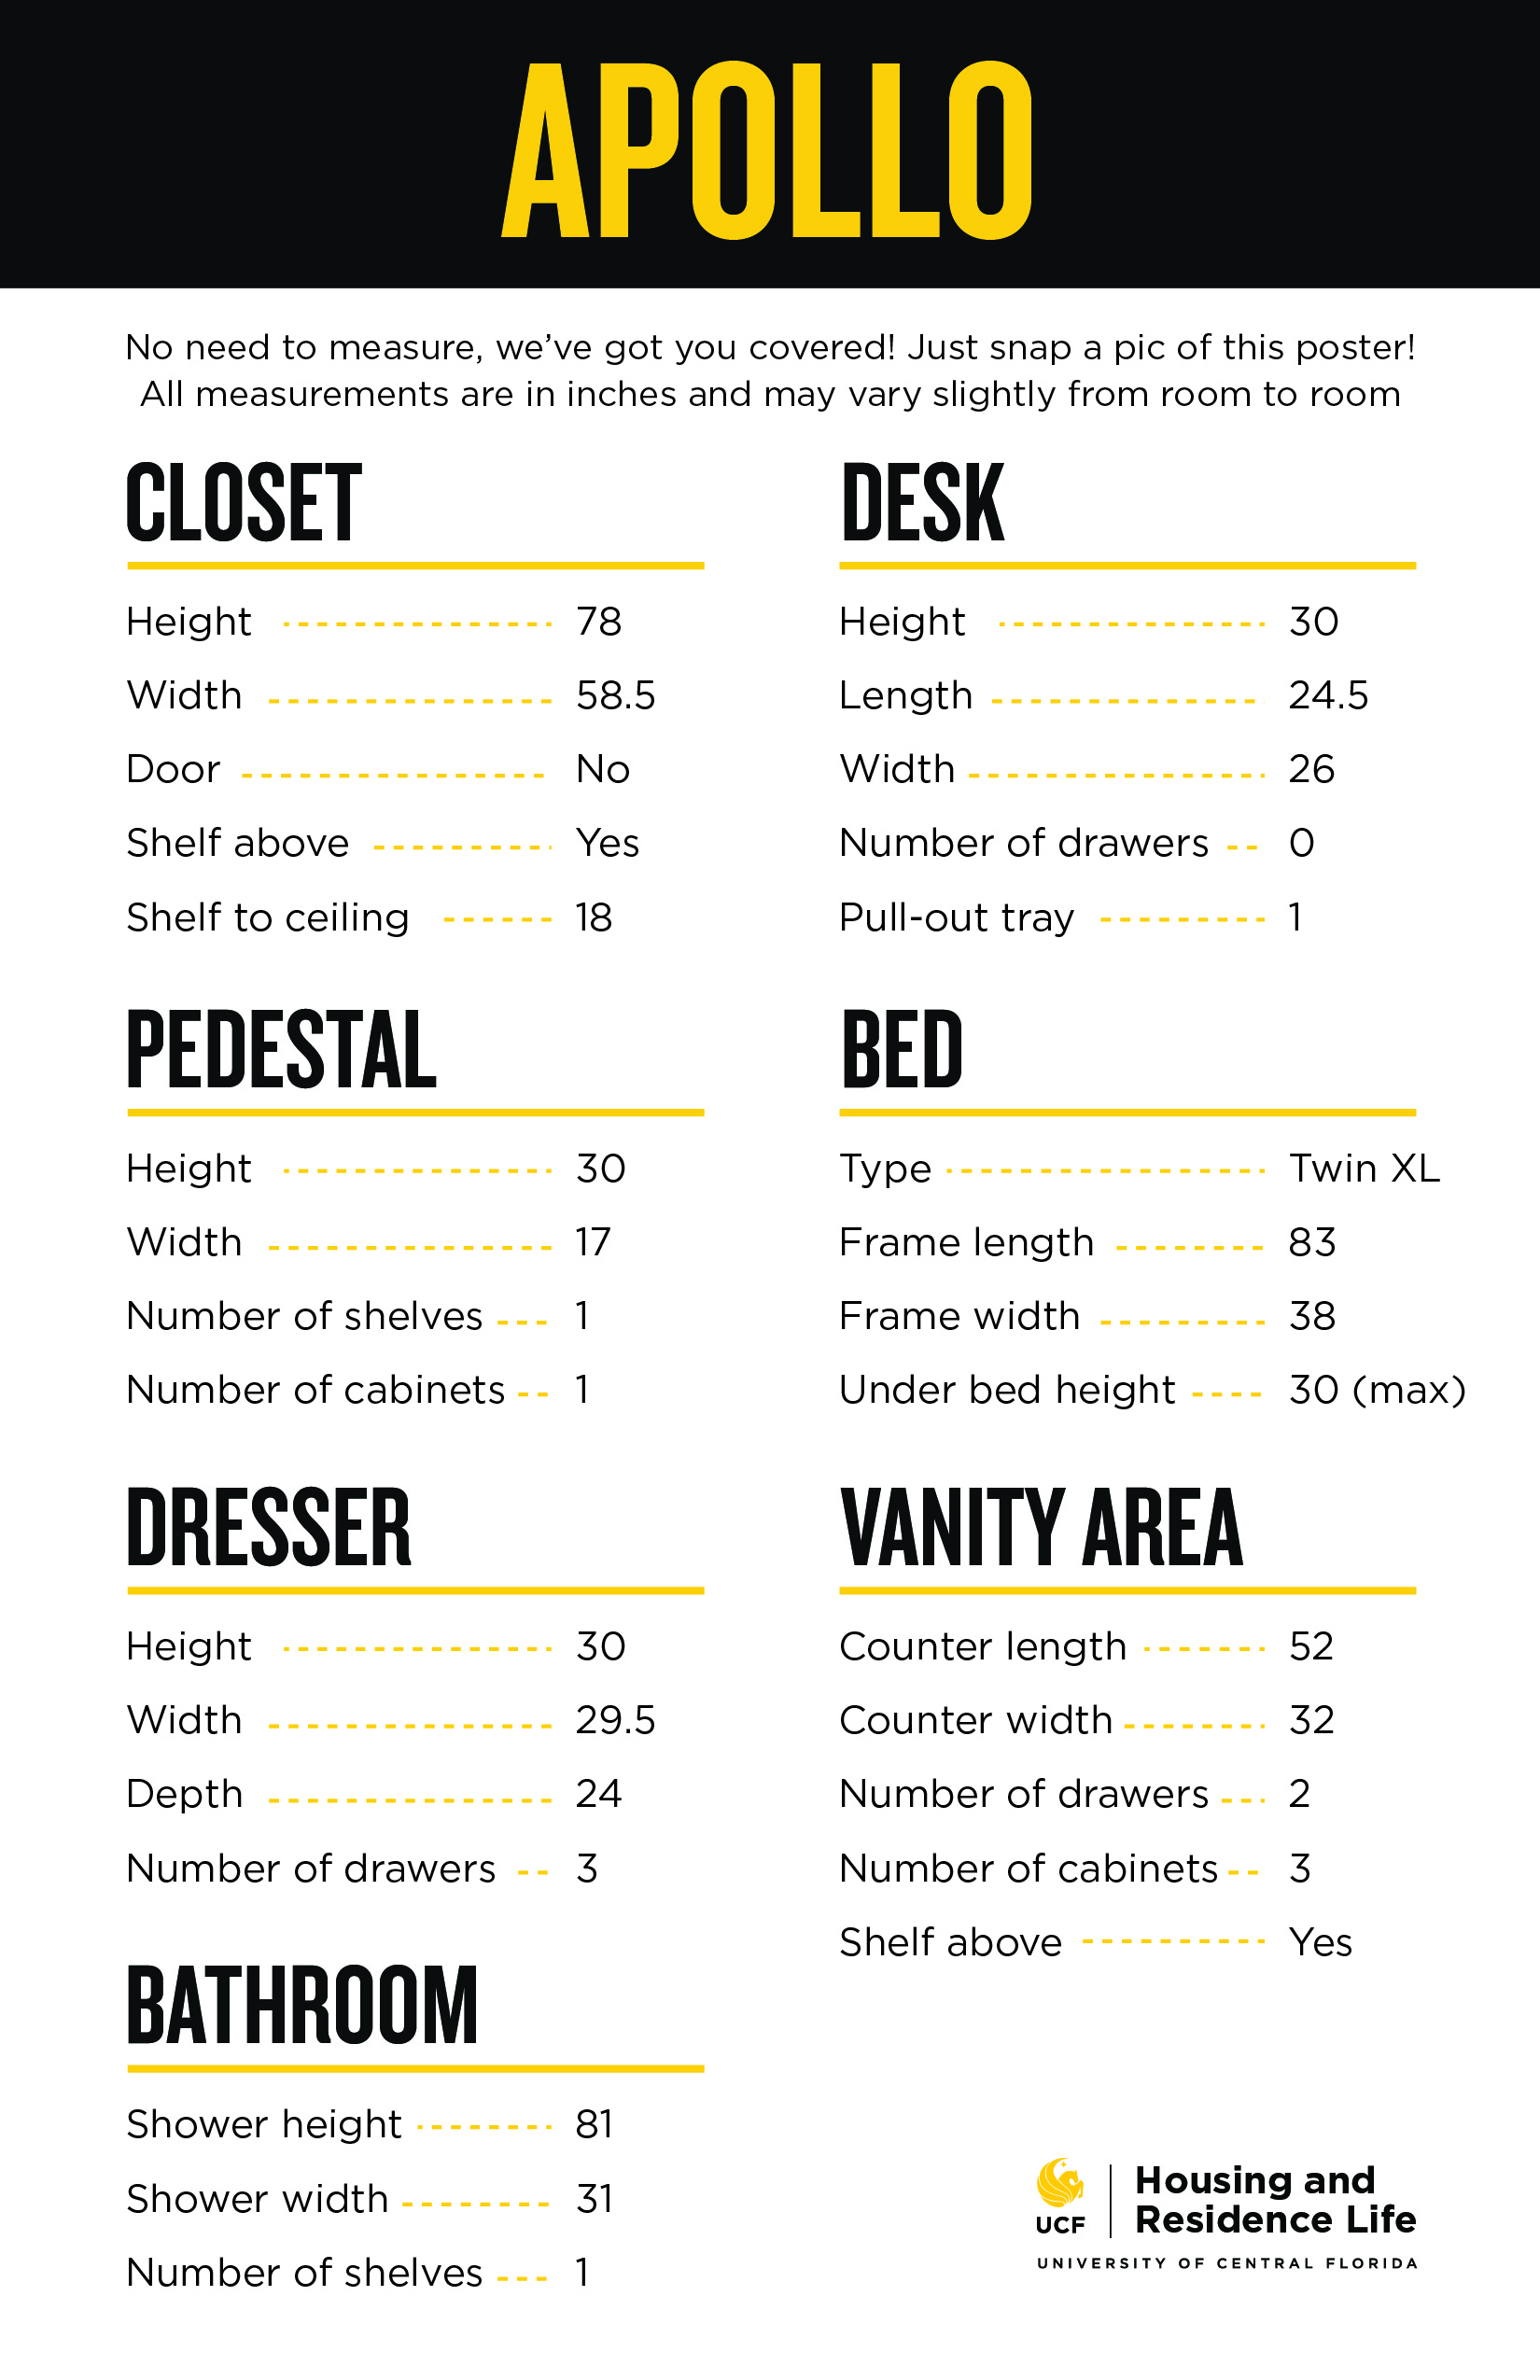 Apollo furniture dimensions